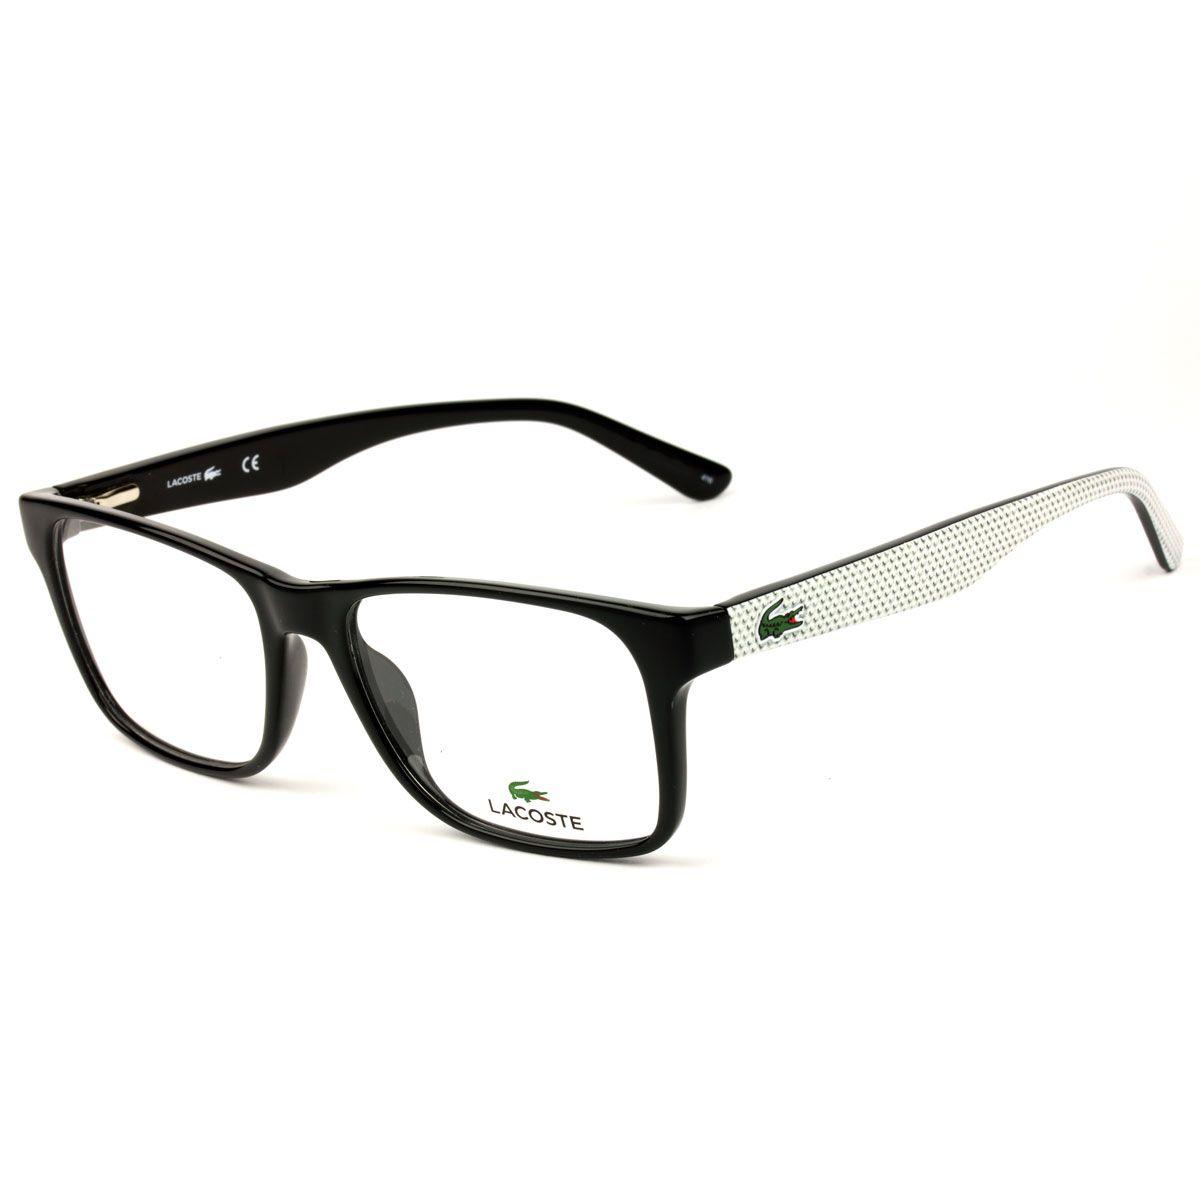 954acd063 Armação De Óculos Lacoste L2741 001 - Omega Ótica e Relojoaria